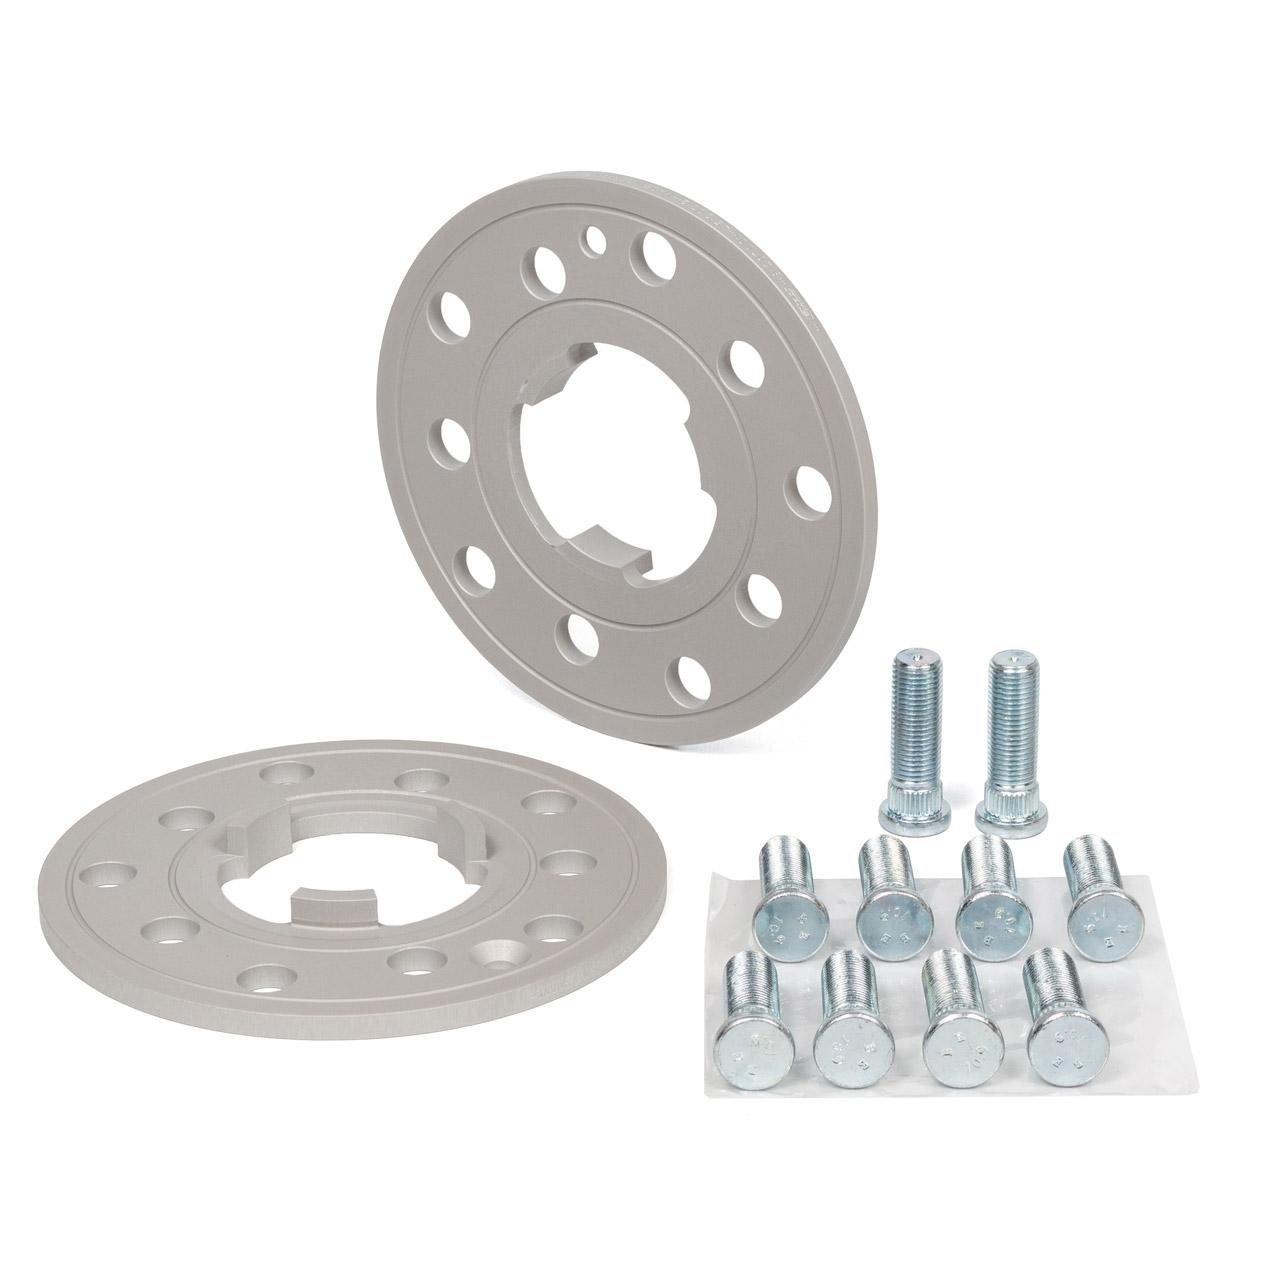 EIBACH S90-6-07-001 PRO SPACER 14mm Spurverbreiterung PORSCHE 911 964 993 928 944 959 968